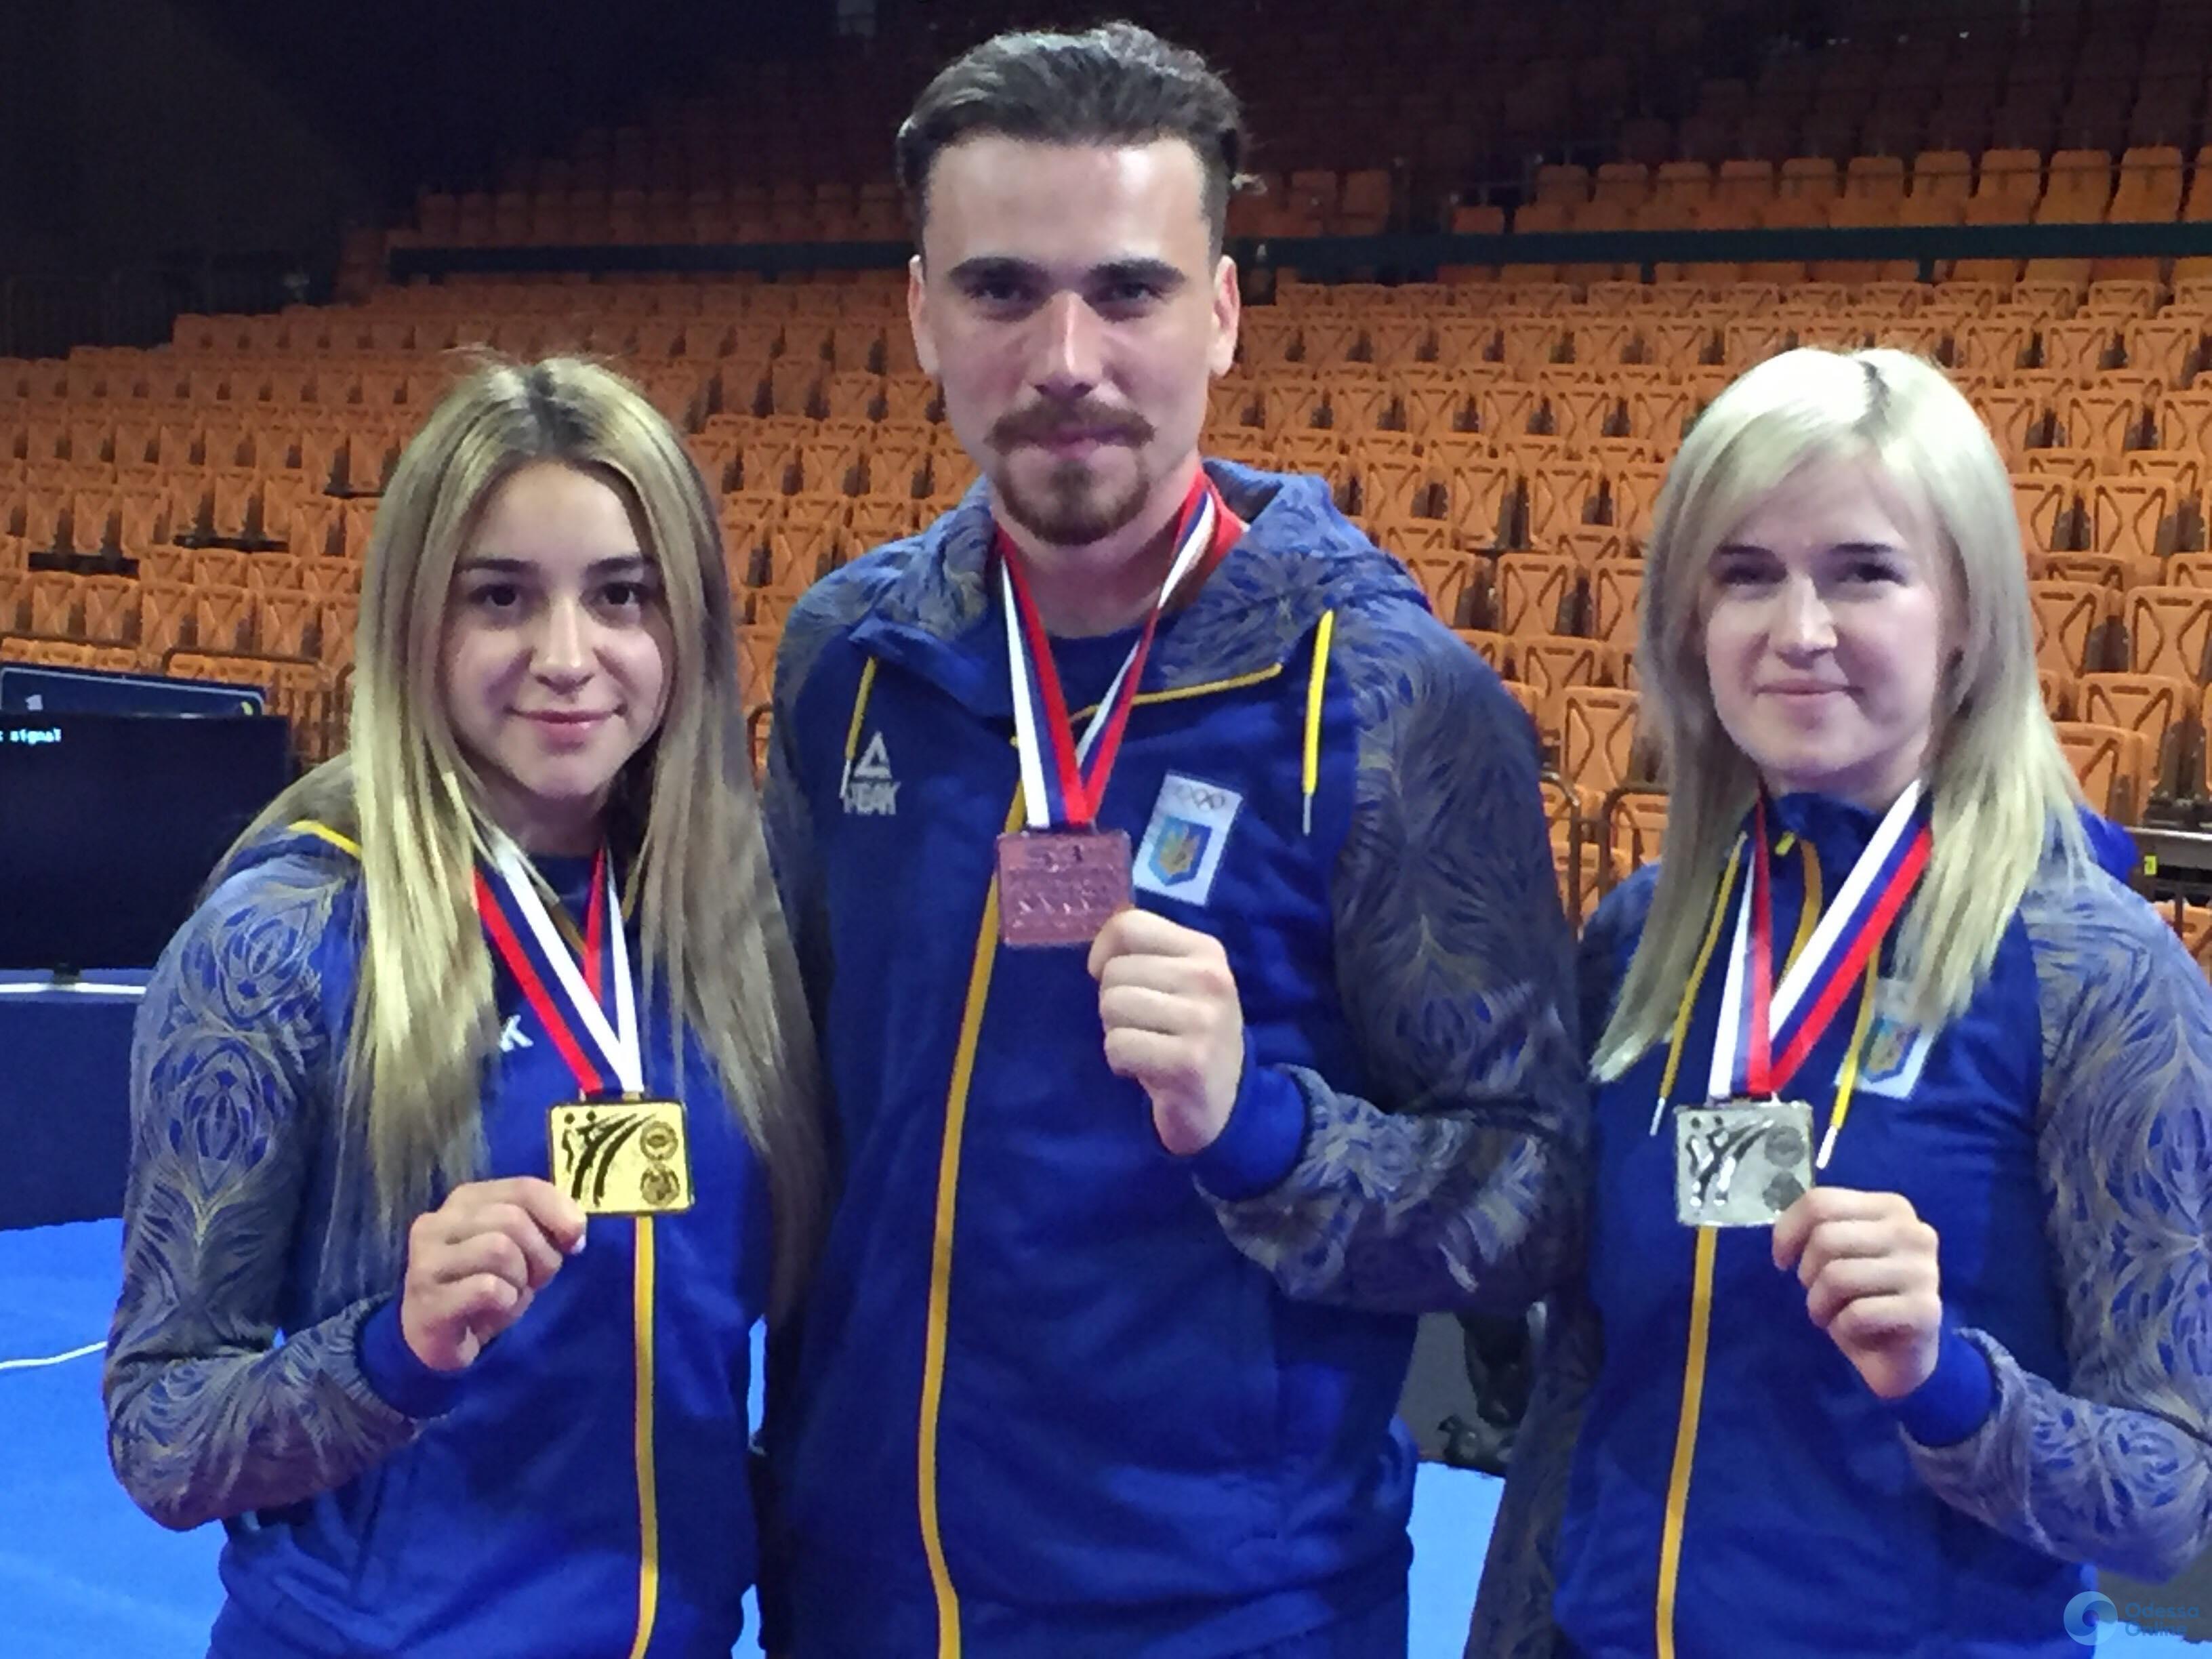 Представители Одесской области завоевали полный комплект медалей чемпионата Европы по каратэ